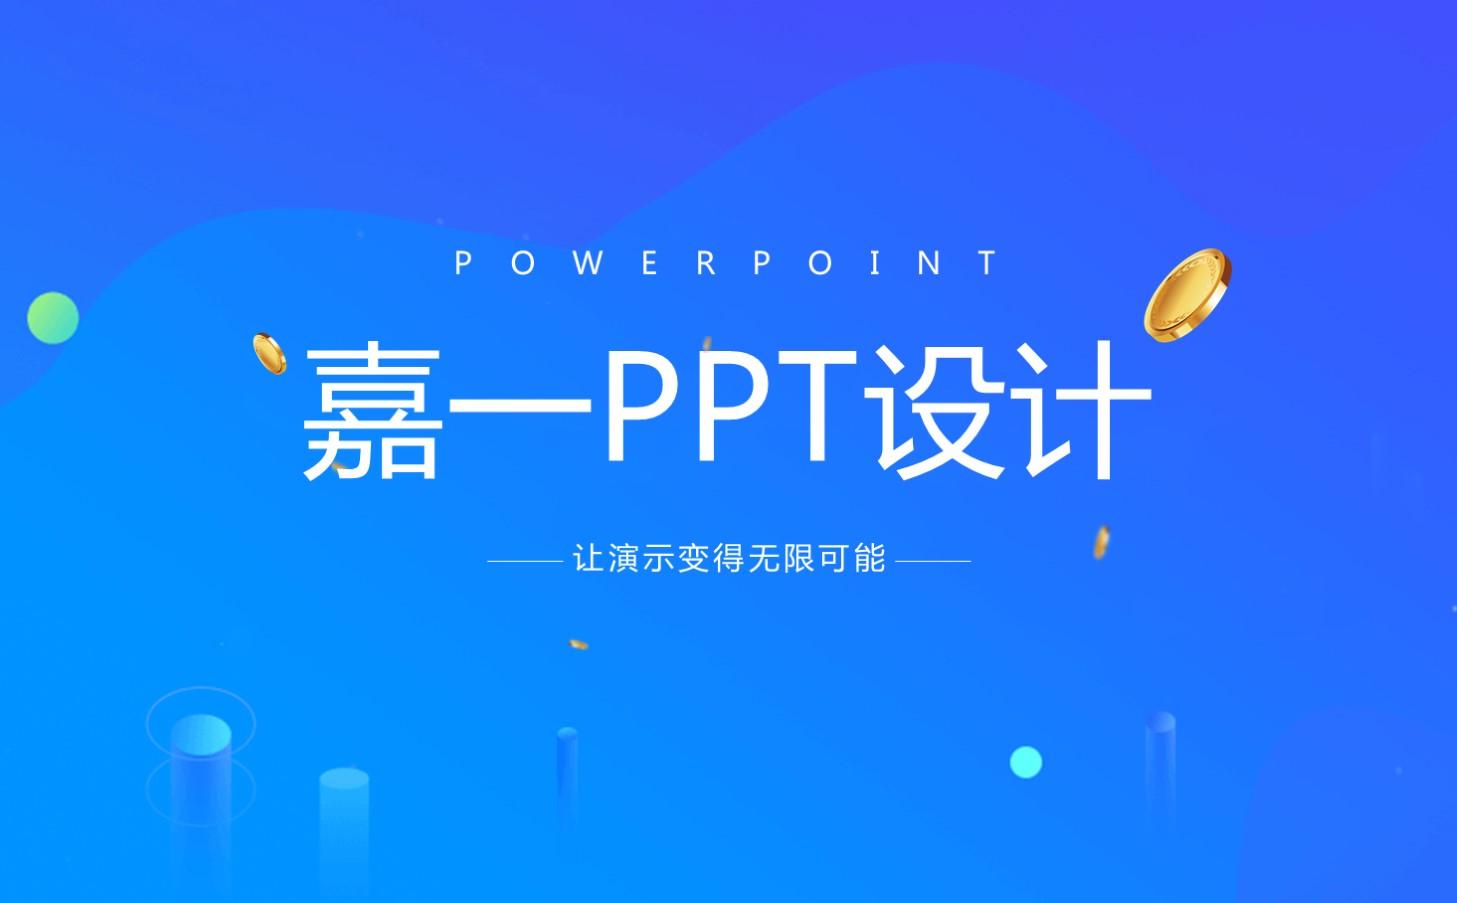 淮安市ppt代做公司-做PPT找嘉一-專業設計